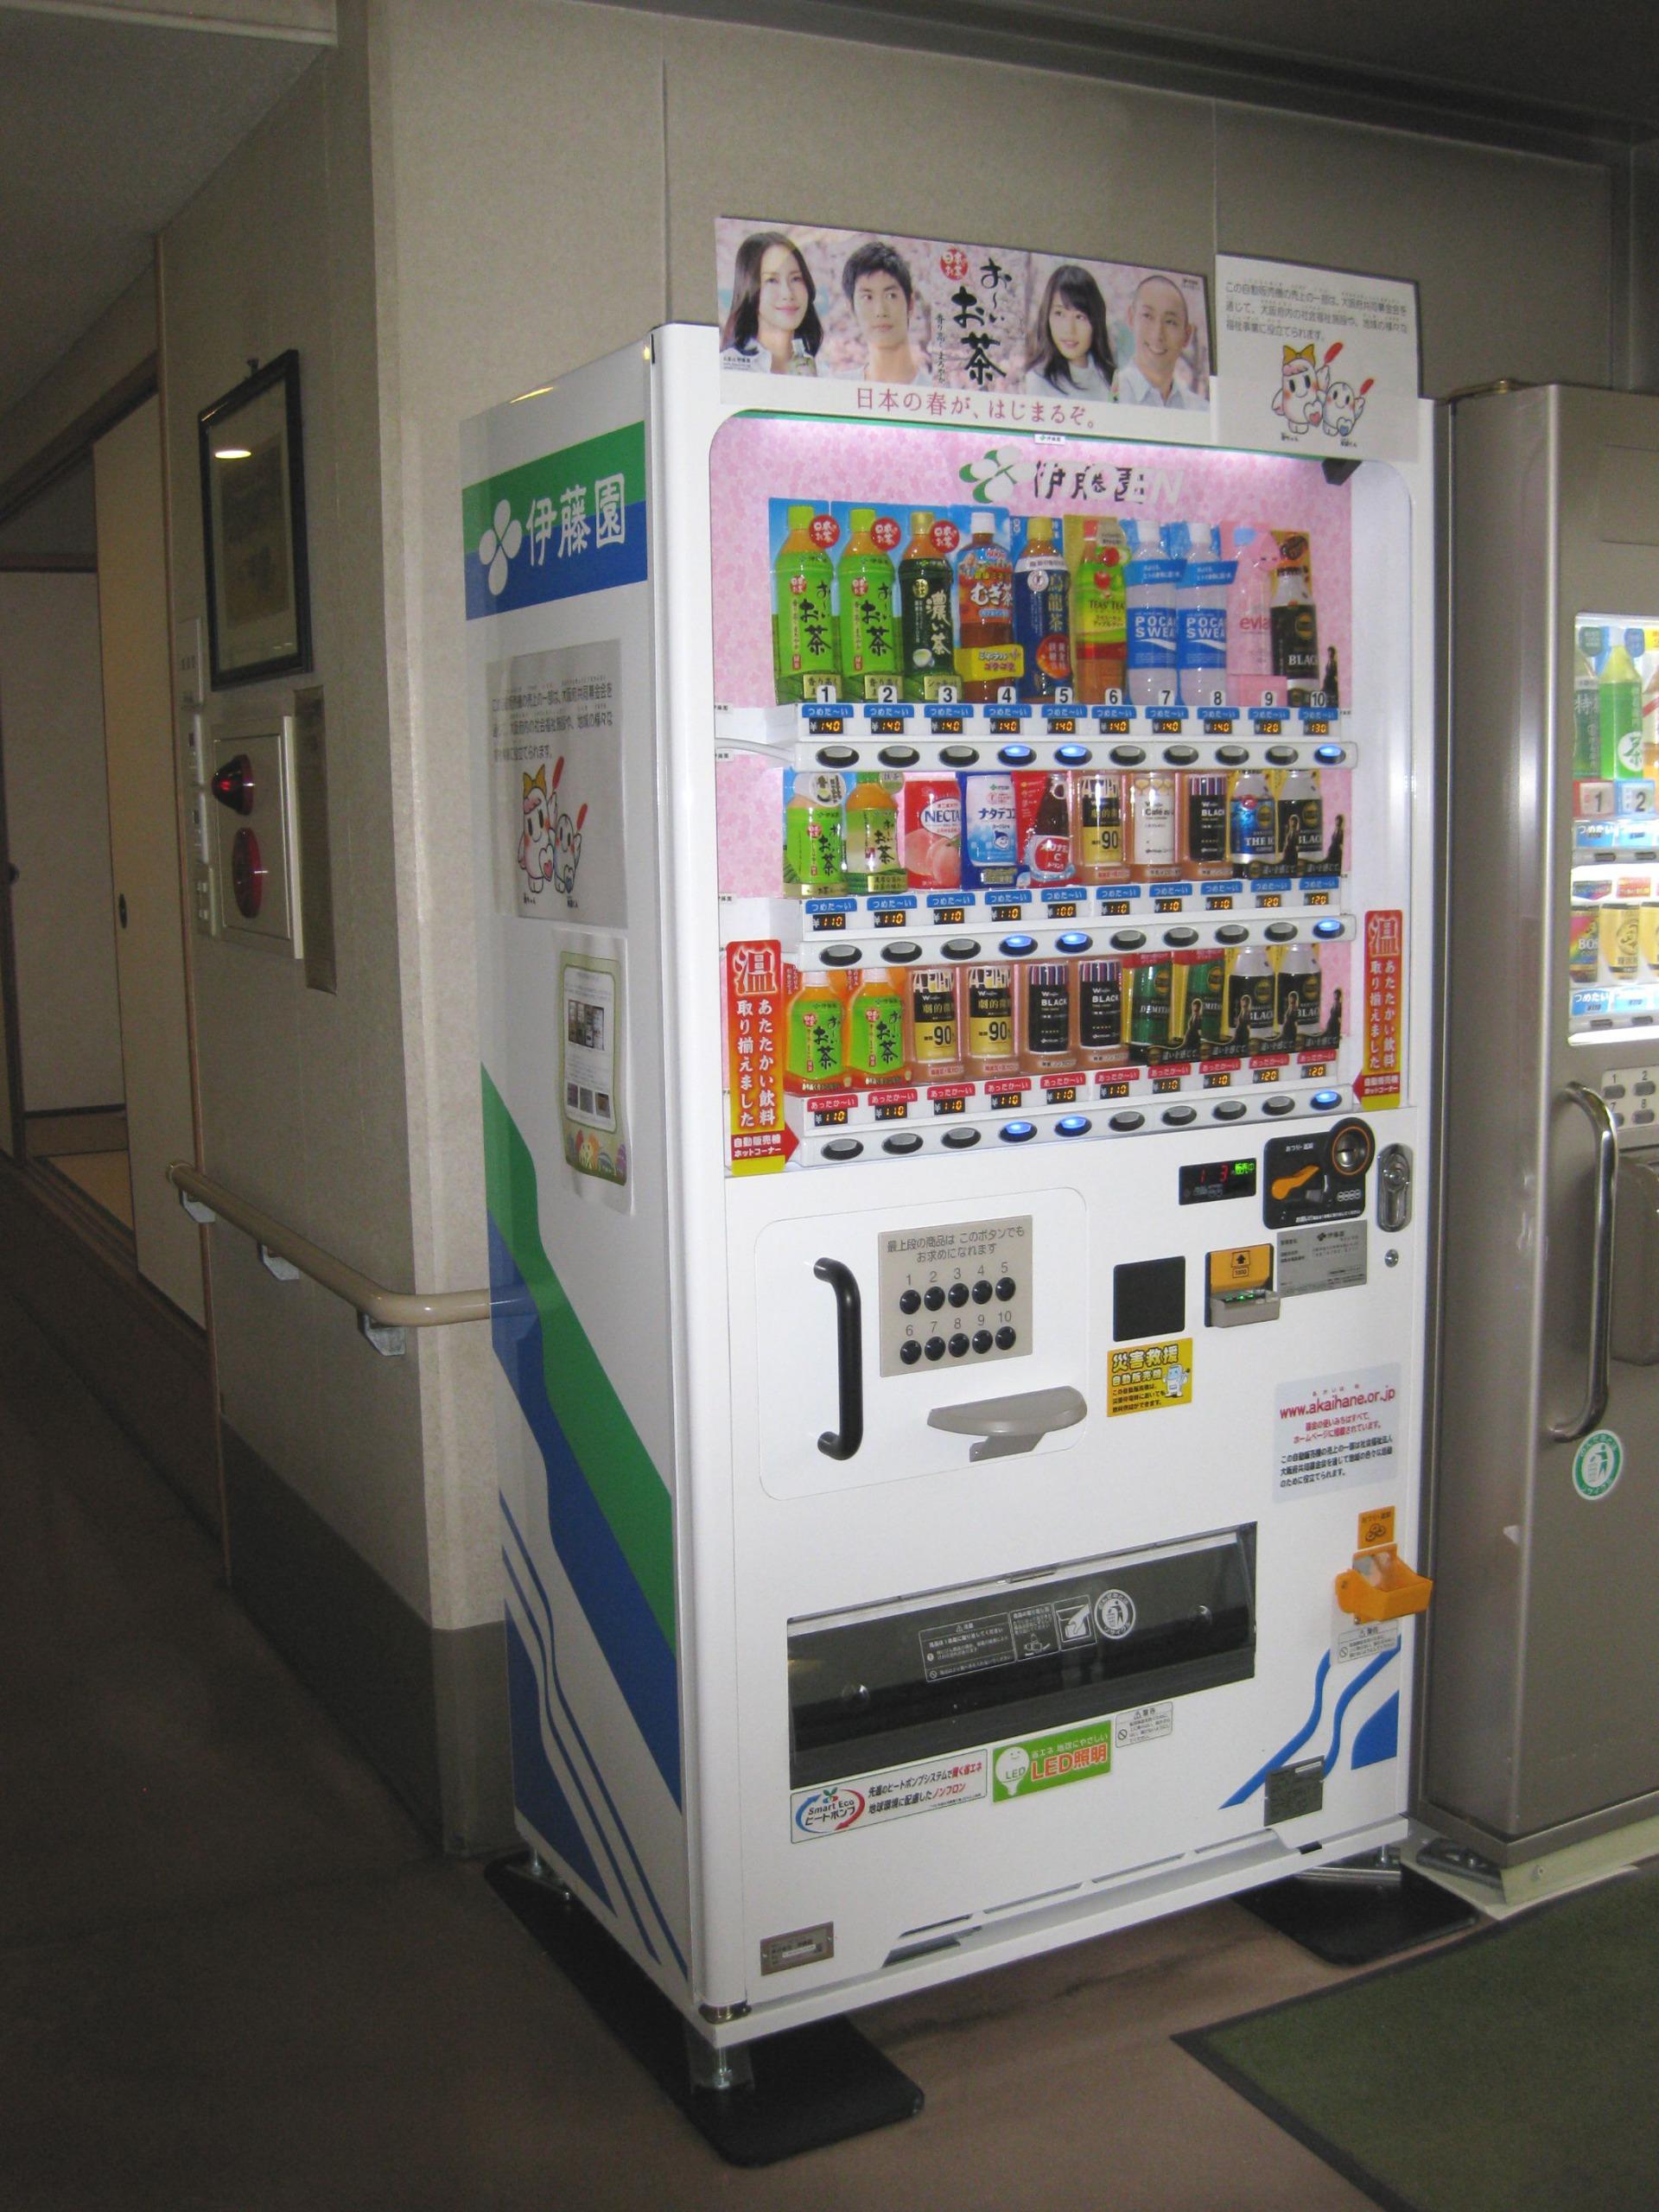 社会福祉法人白寿会様に共同募金協力型自販機が設置されました☆